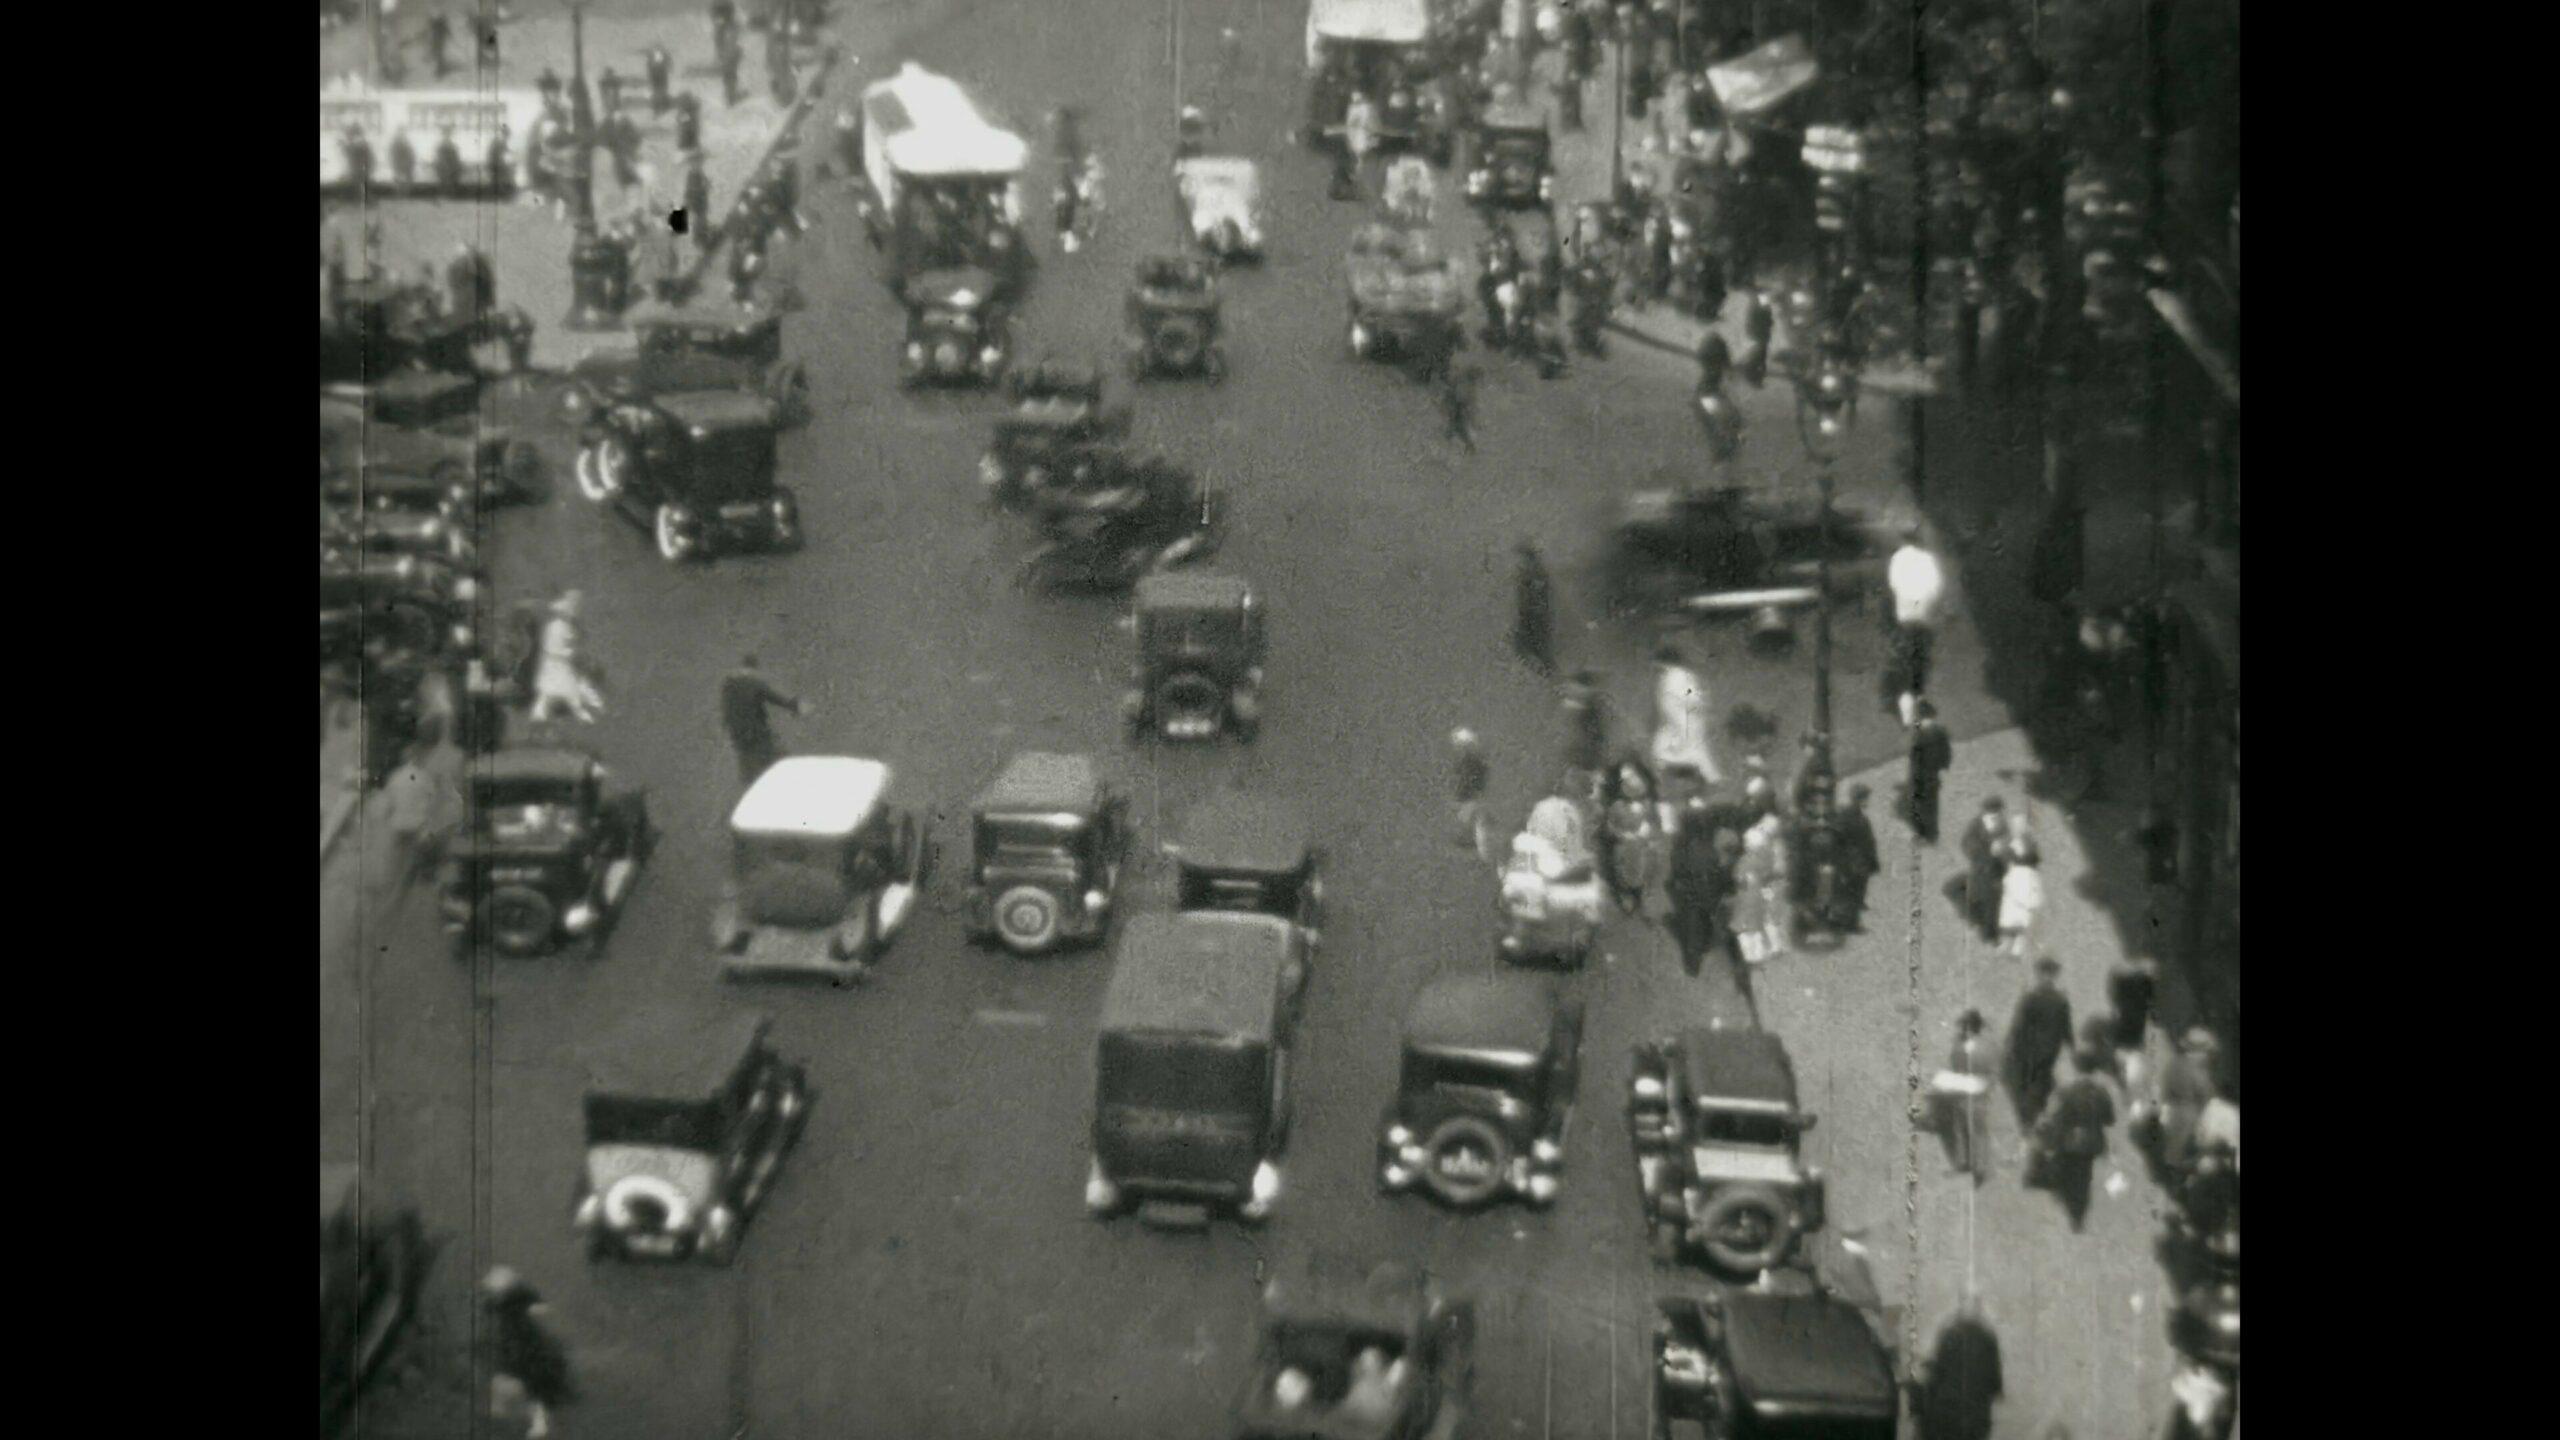 Actualites Pathe - 07 Novembre 1929, Circulation dense dans Paris vignette